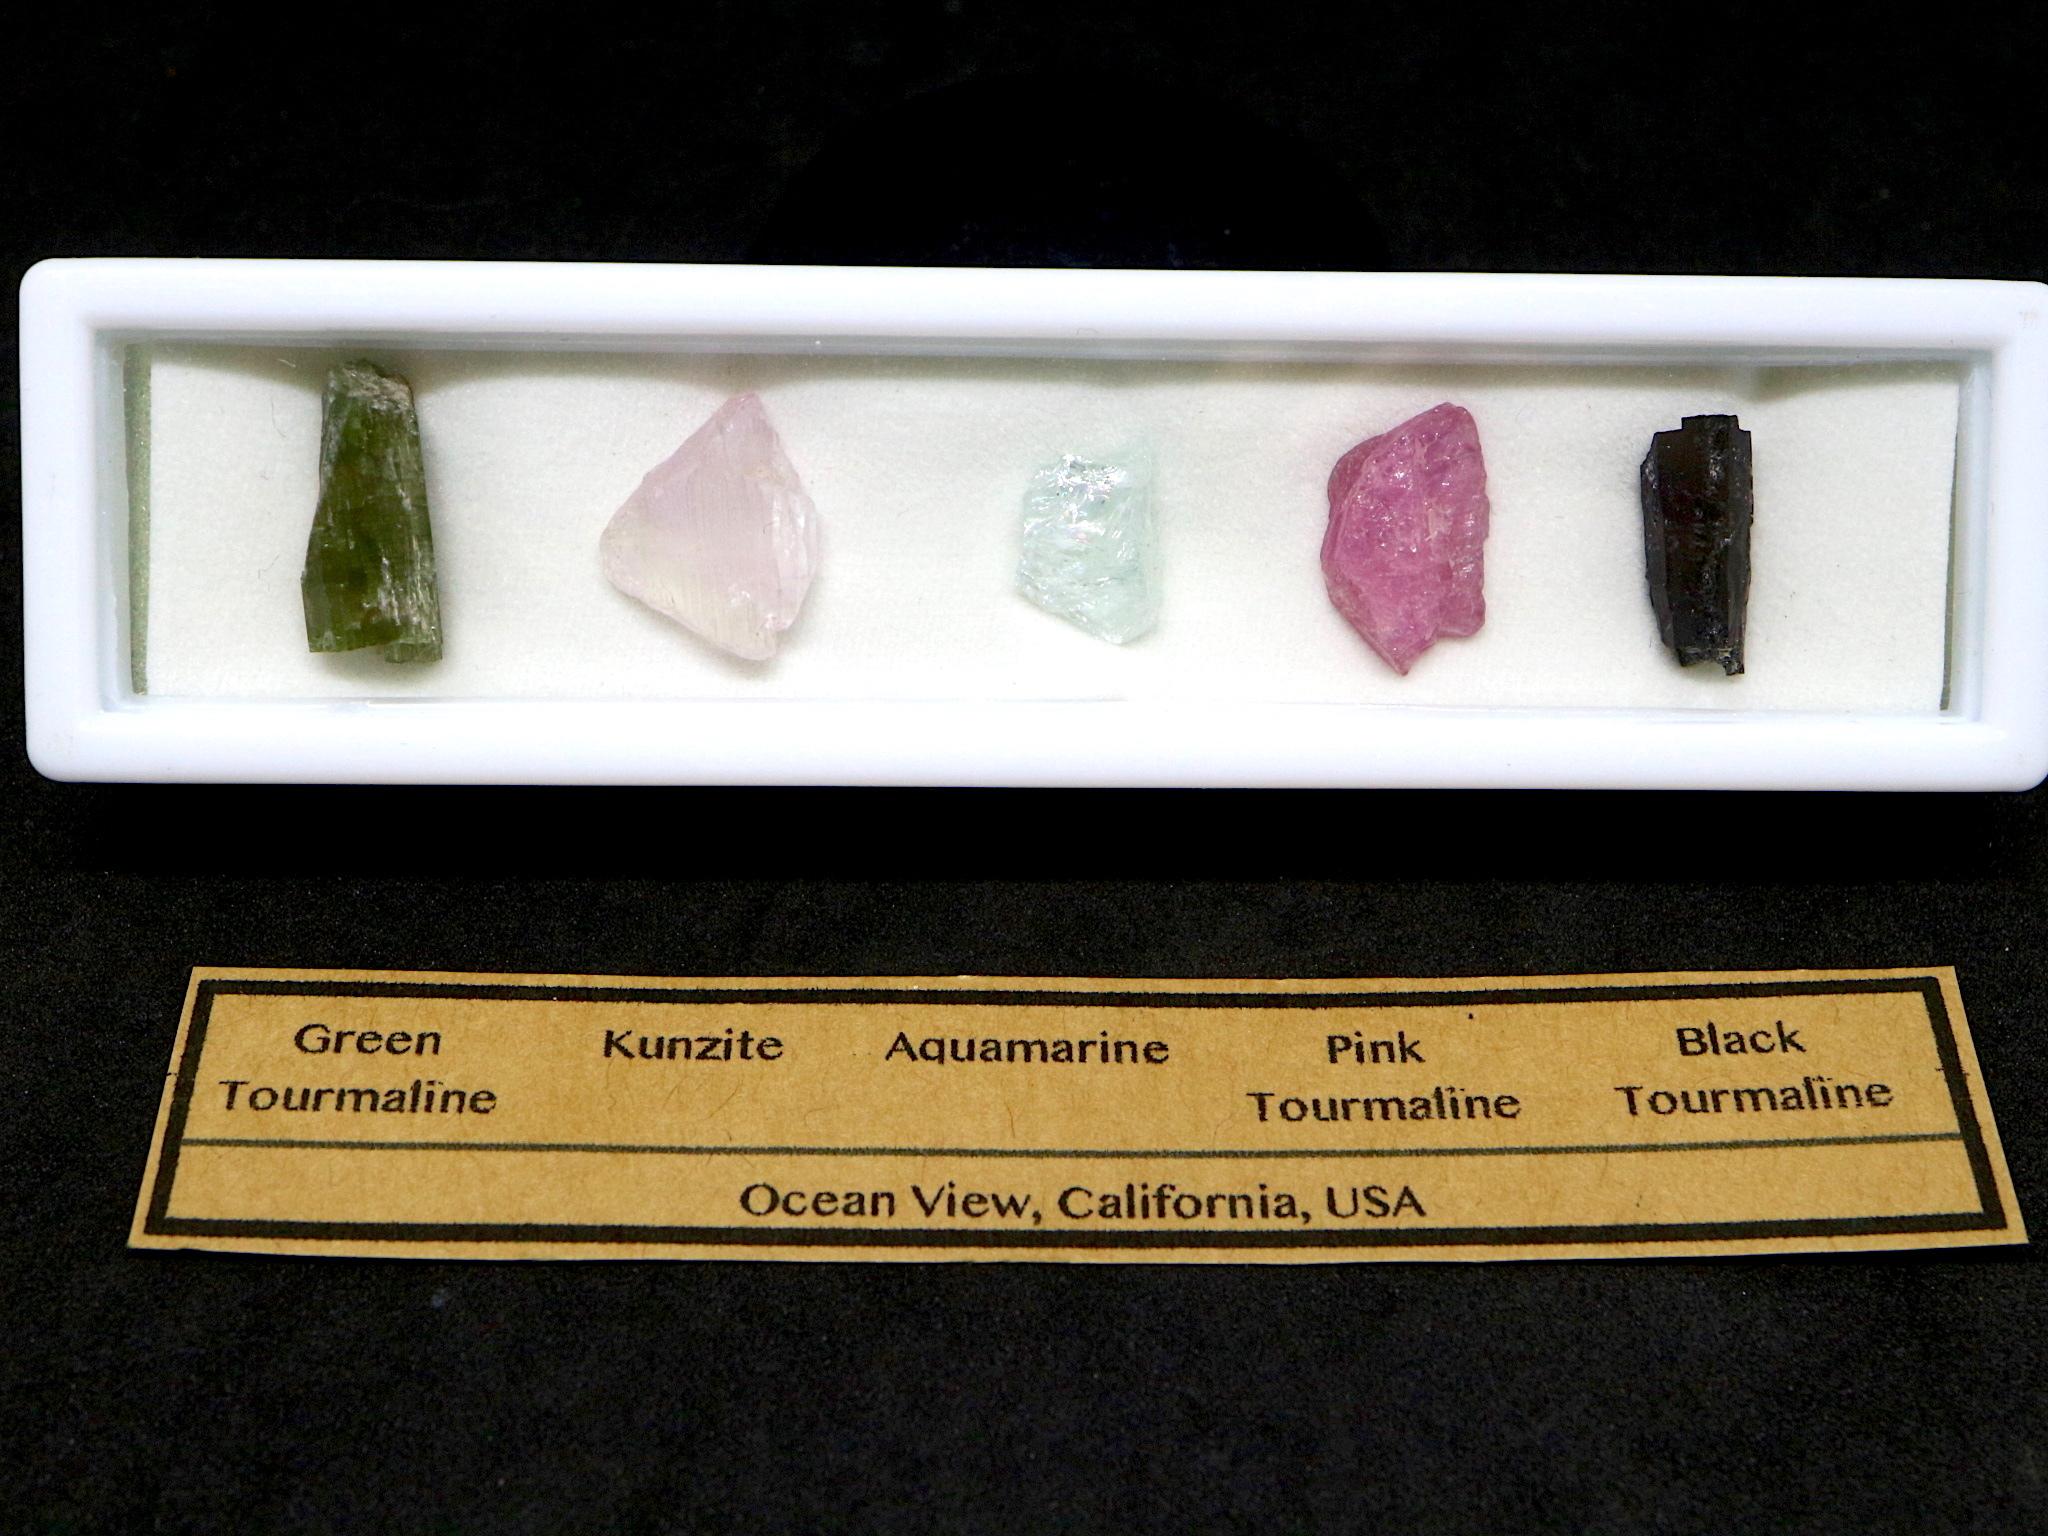 【鉱物標本セット】カリフォルニア産 原石#2 T081 ピンクトルマリン/クンツァイト/アクアマリン/グリーントルマリン/ブラックトルマリン